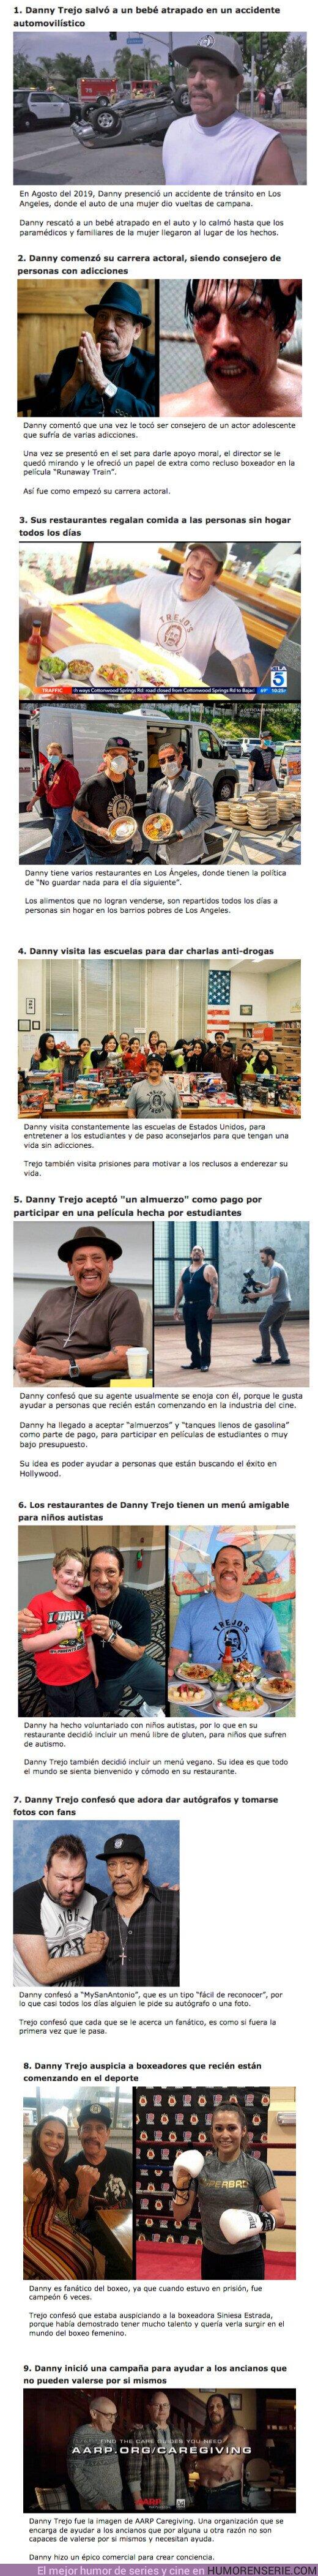 """68567 - GALERÍA: 9 Veces en las que Danny Trejo demostró ser el """"Tipo Rudo"""" más ADORABLE de Hollywood"""